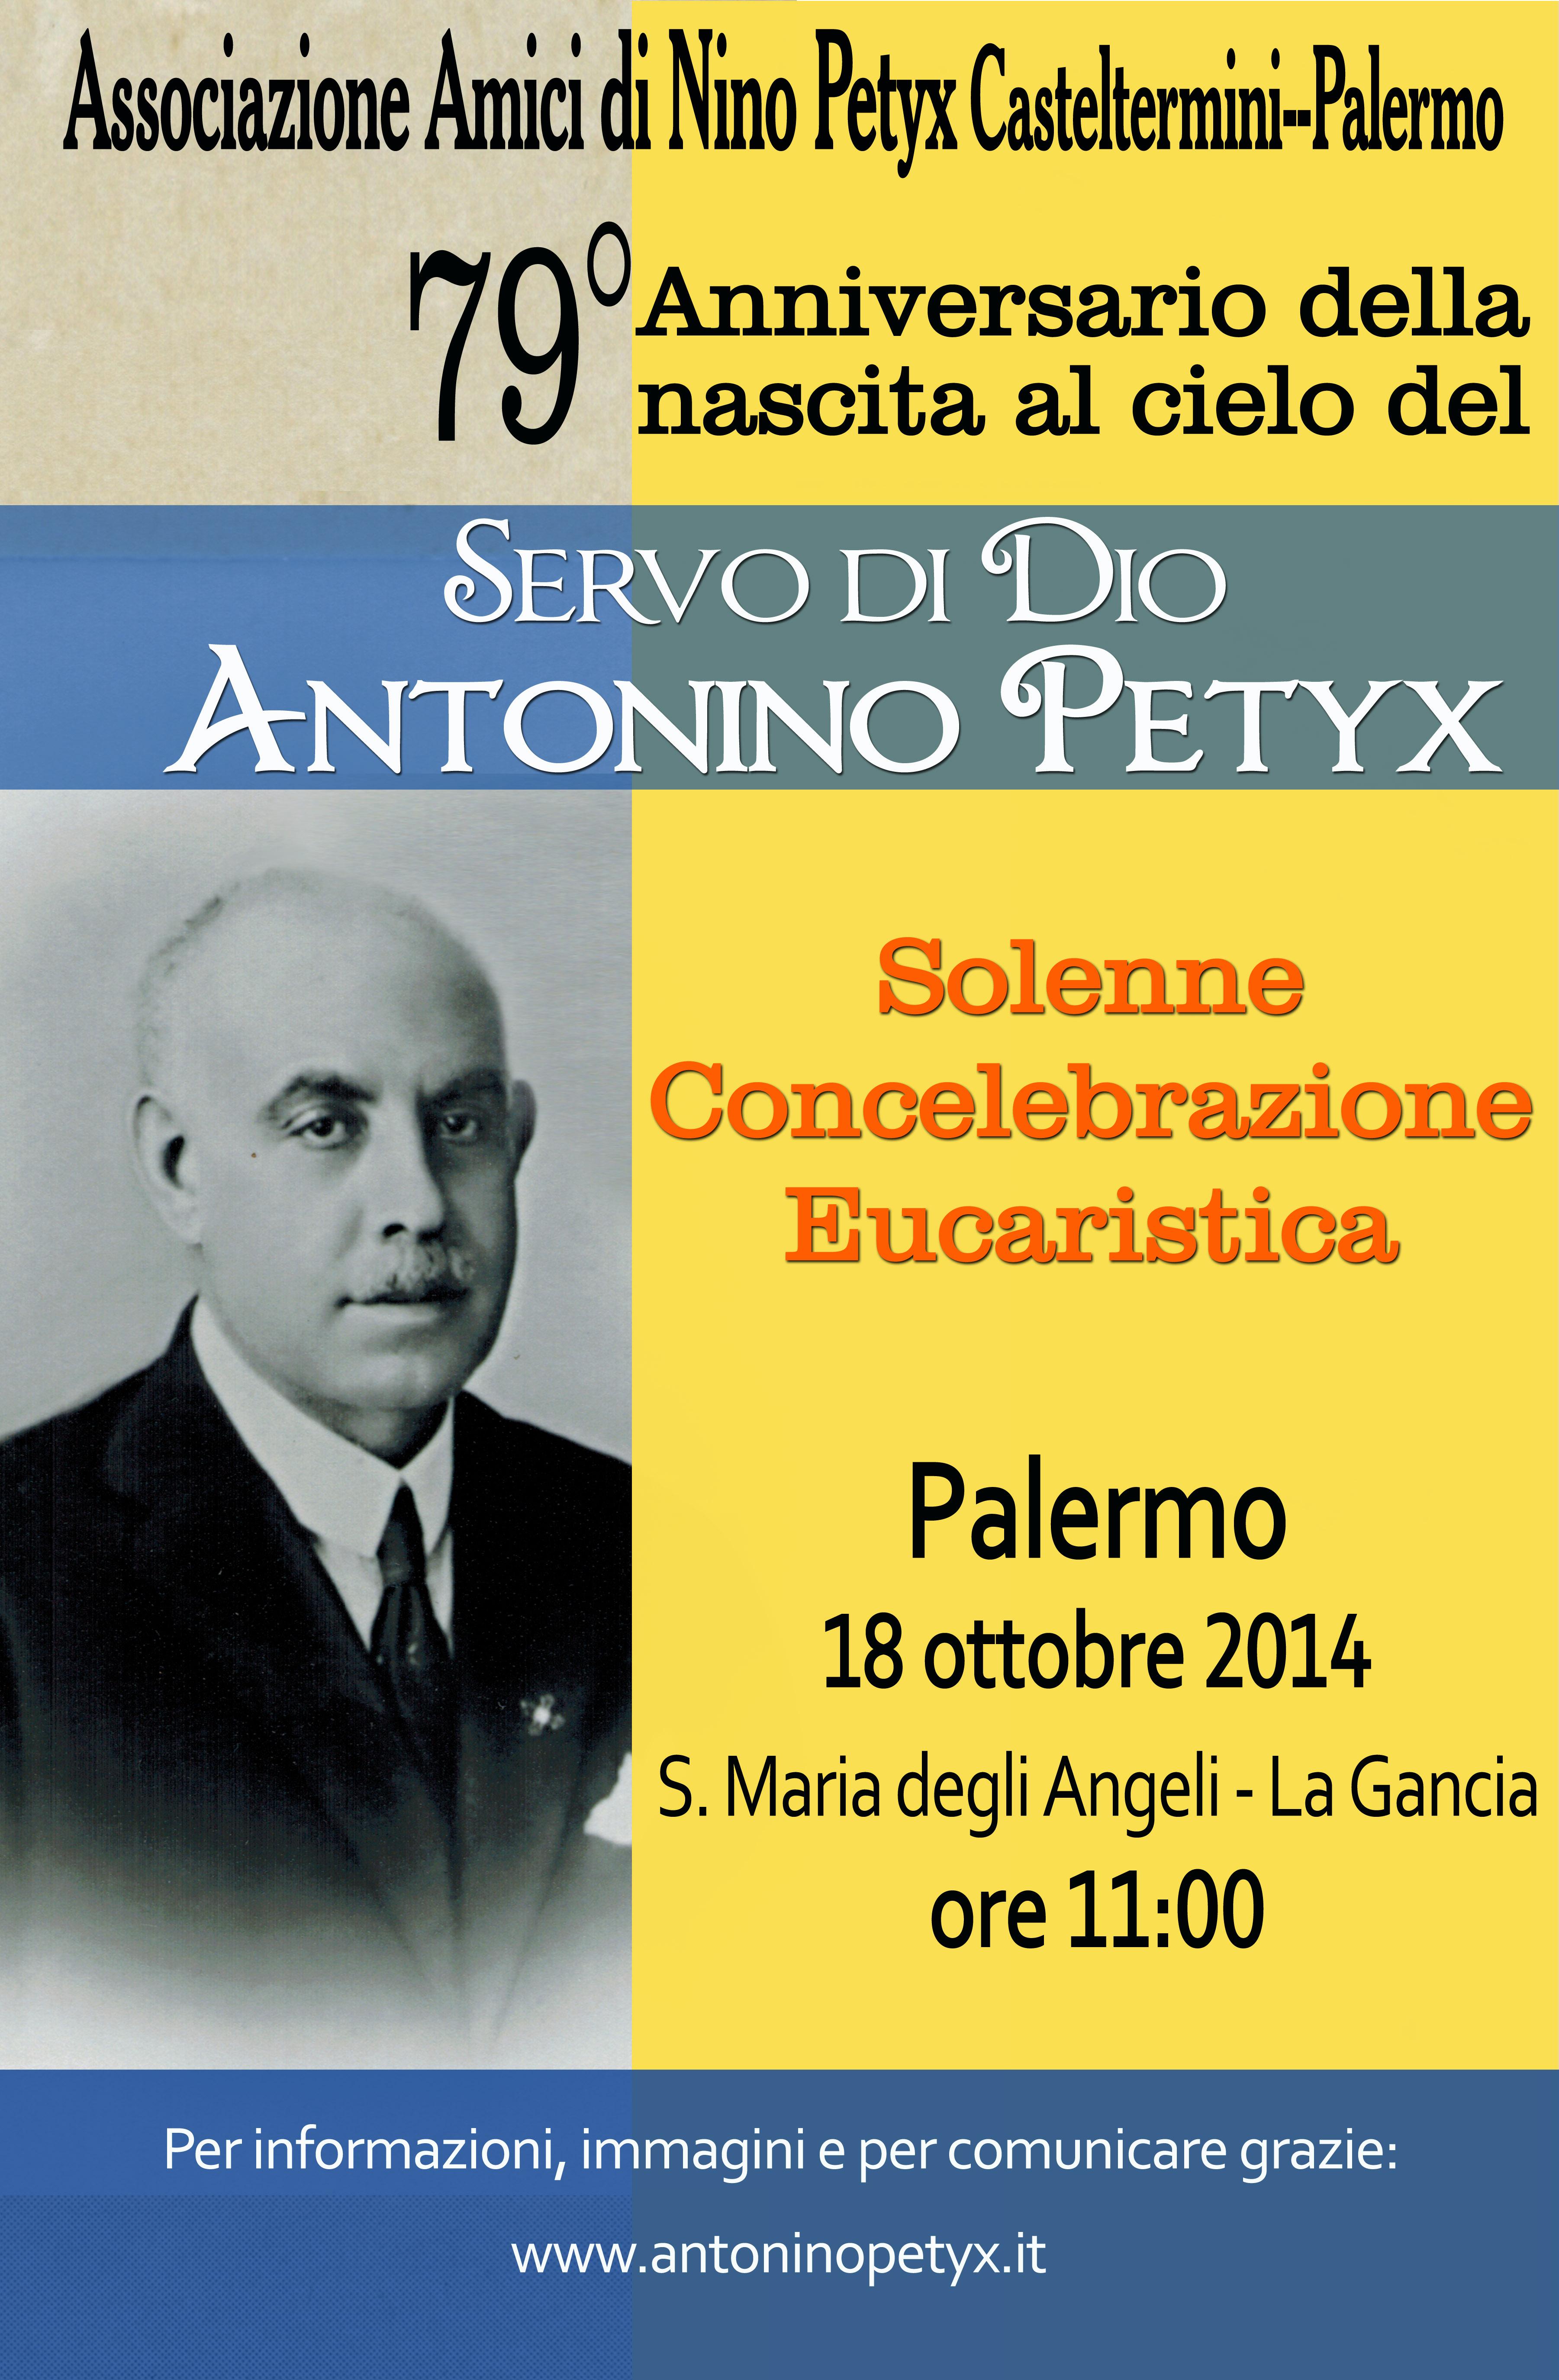 Palermo - 18 ottobre 2014 ore 11:00 - Chiesa della Gancia